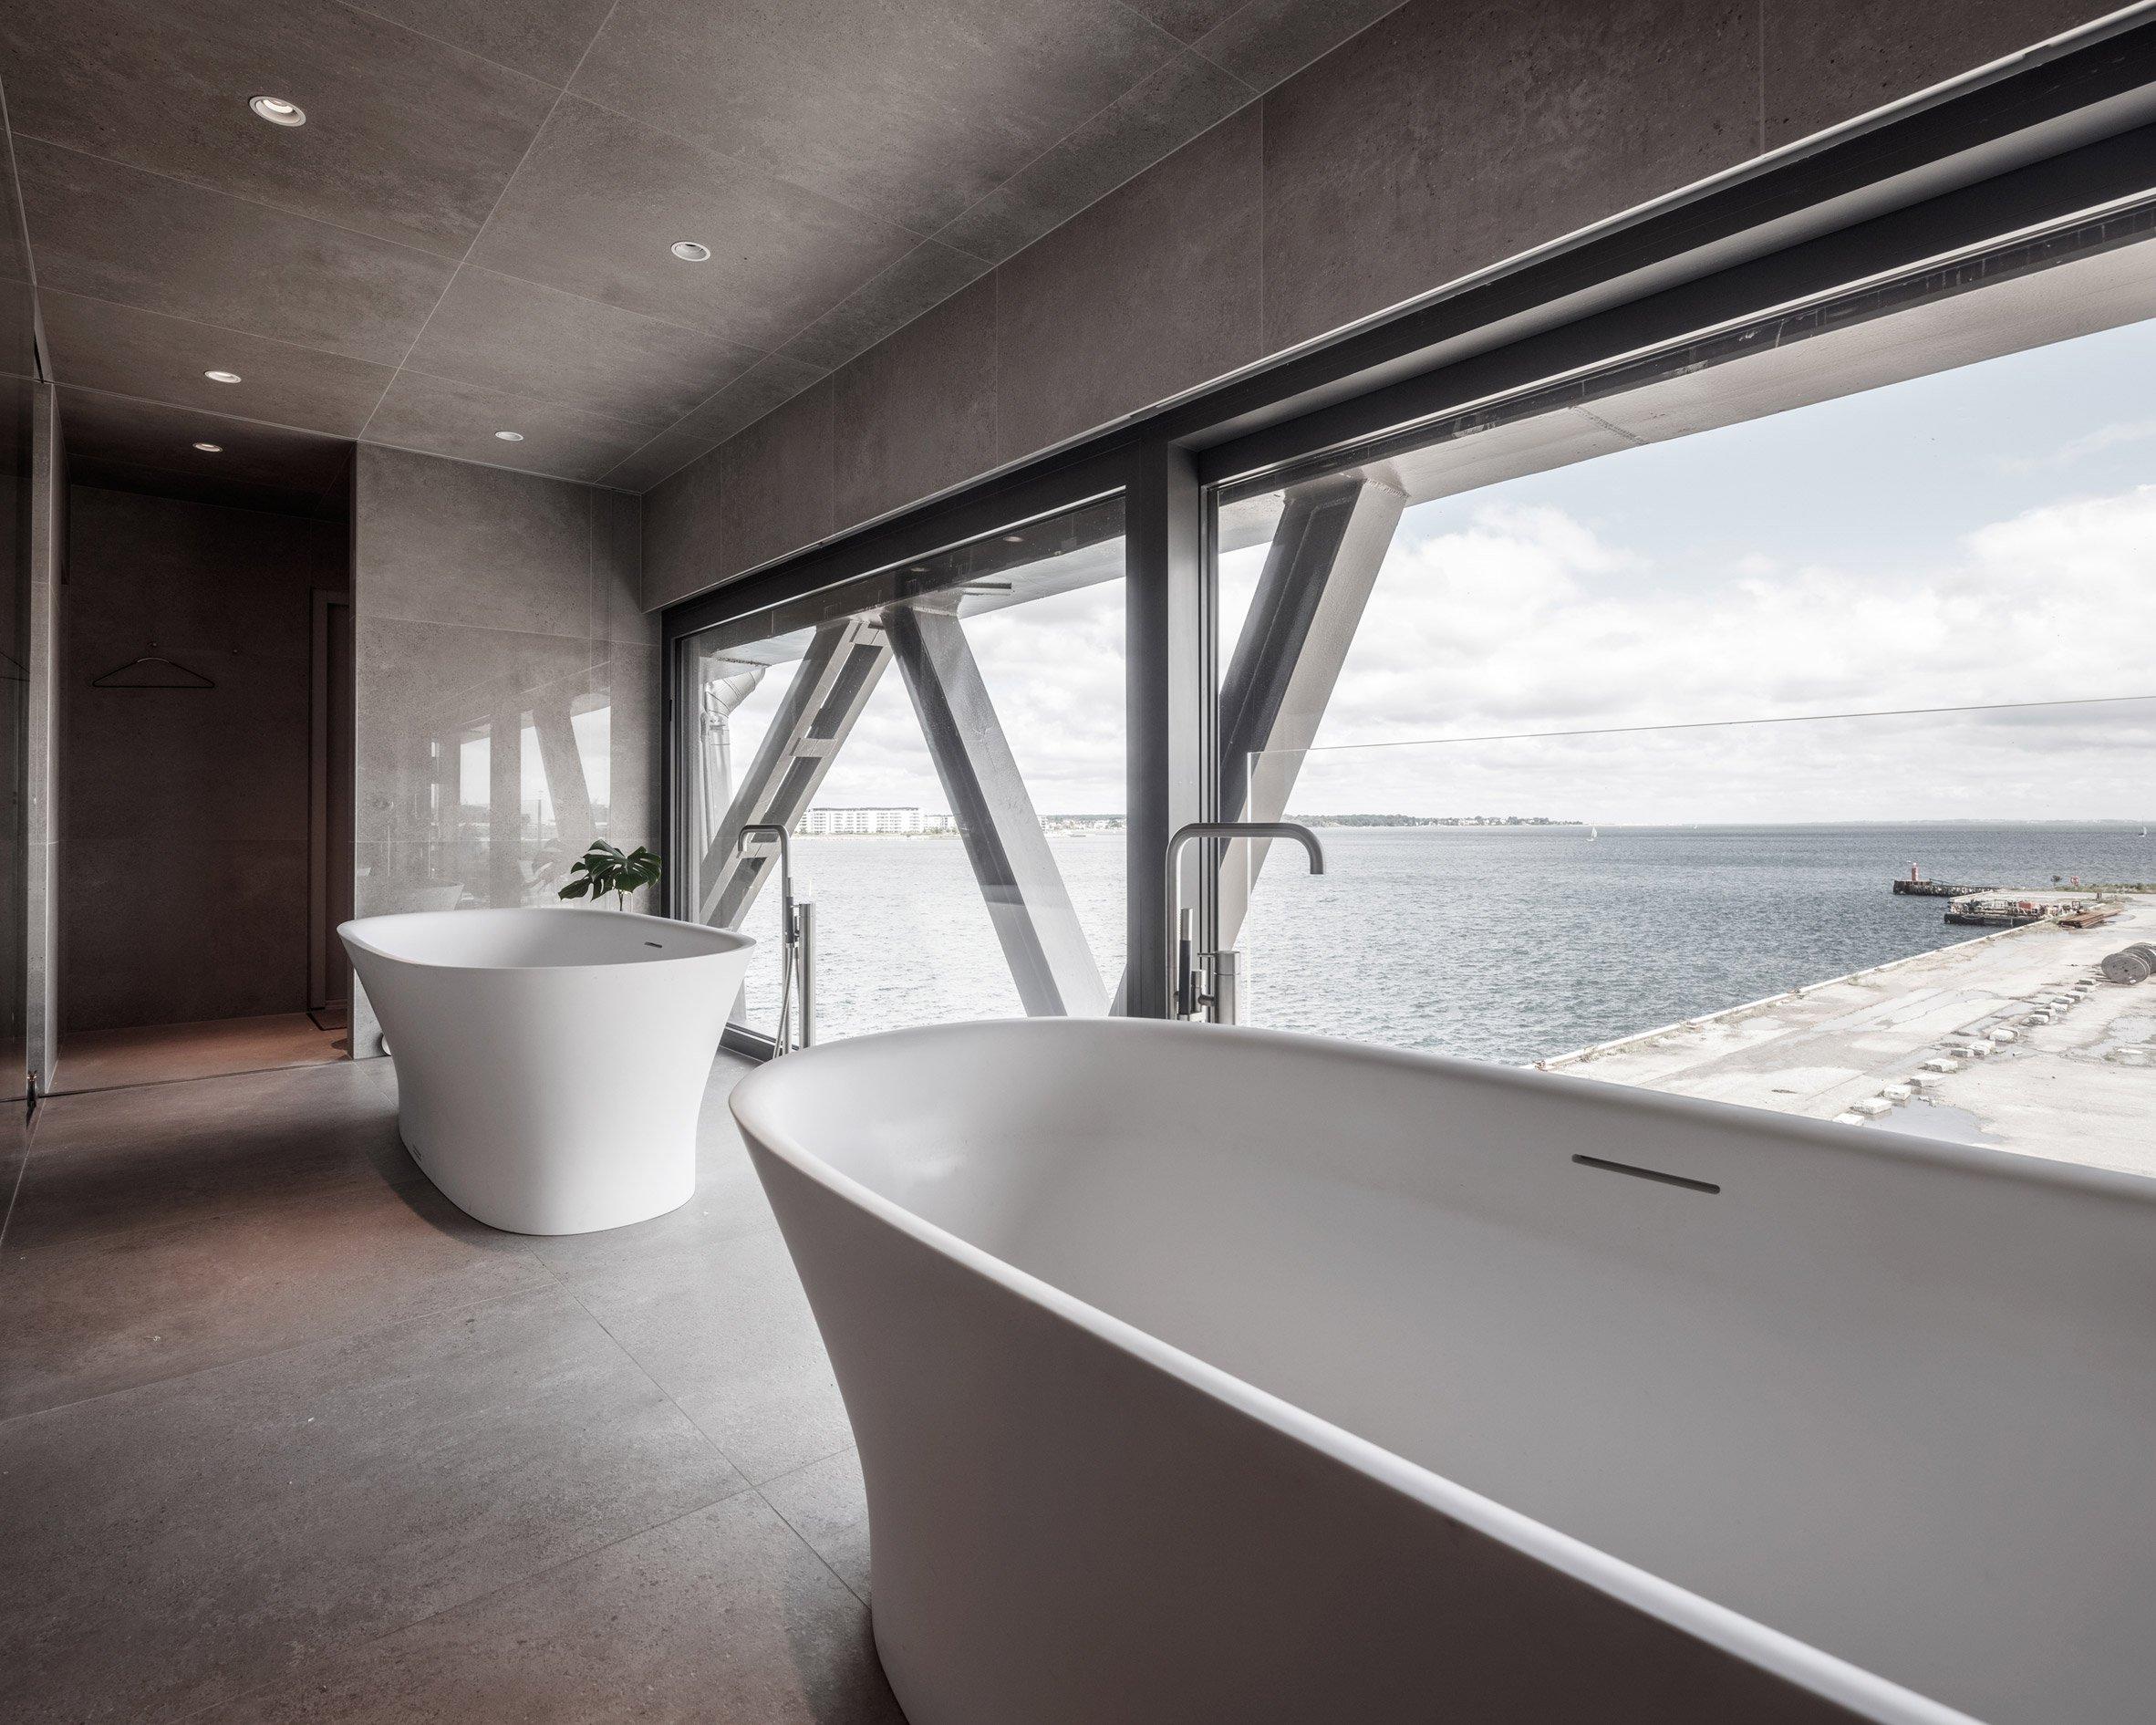 ... ou um banho com vista